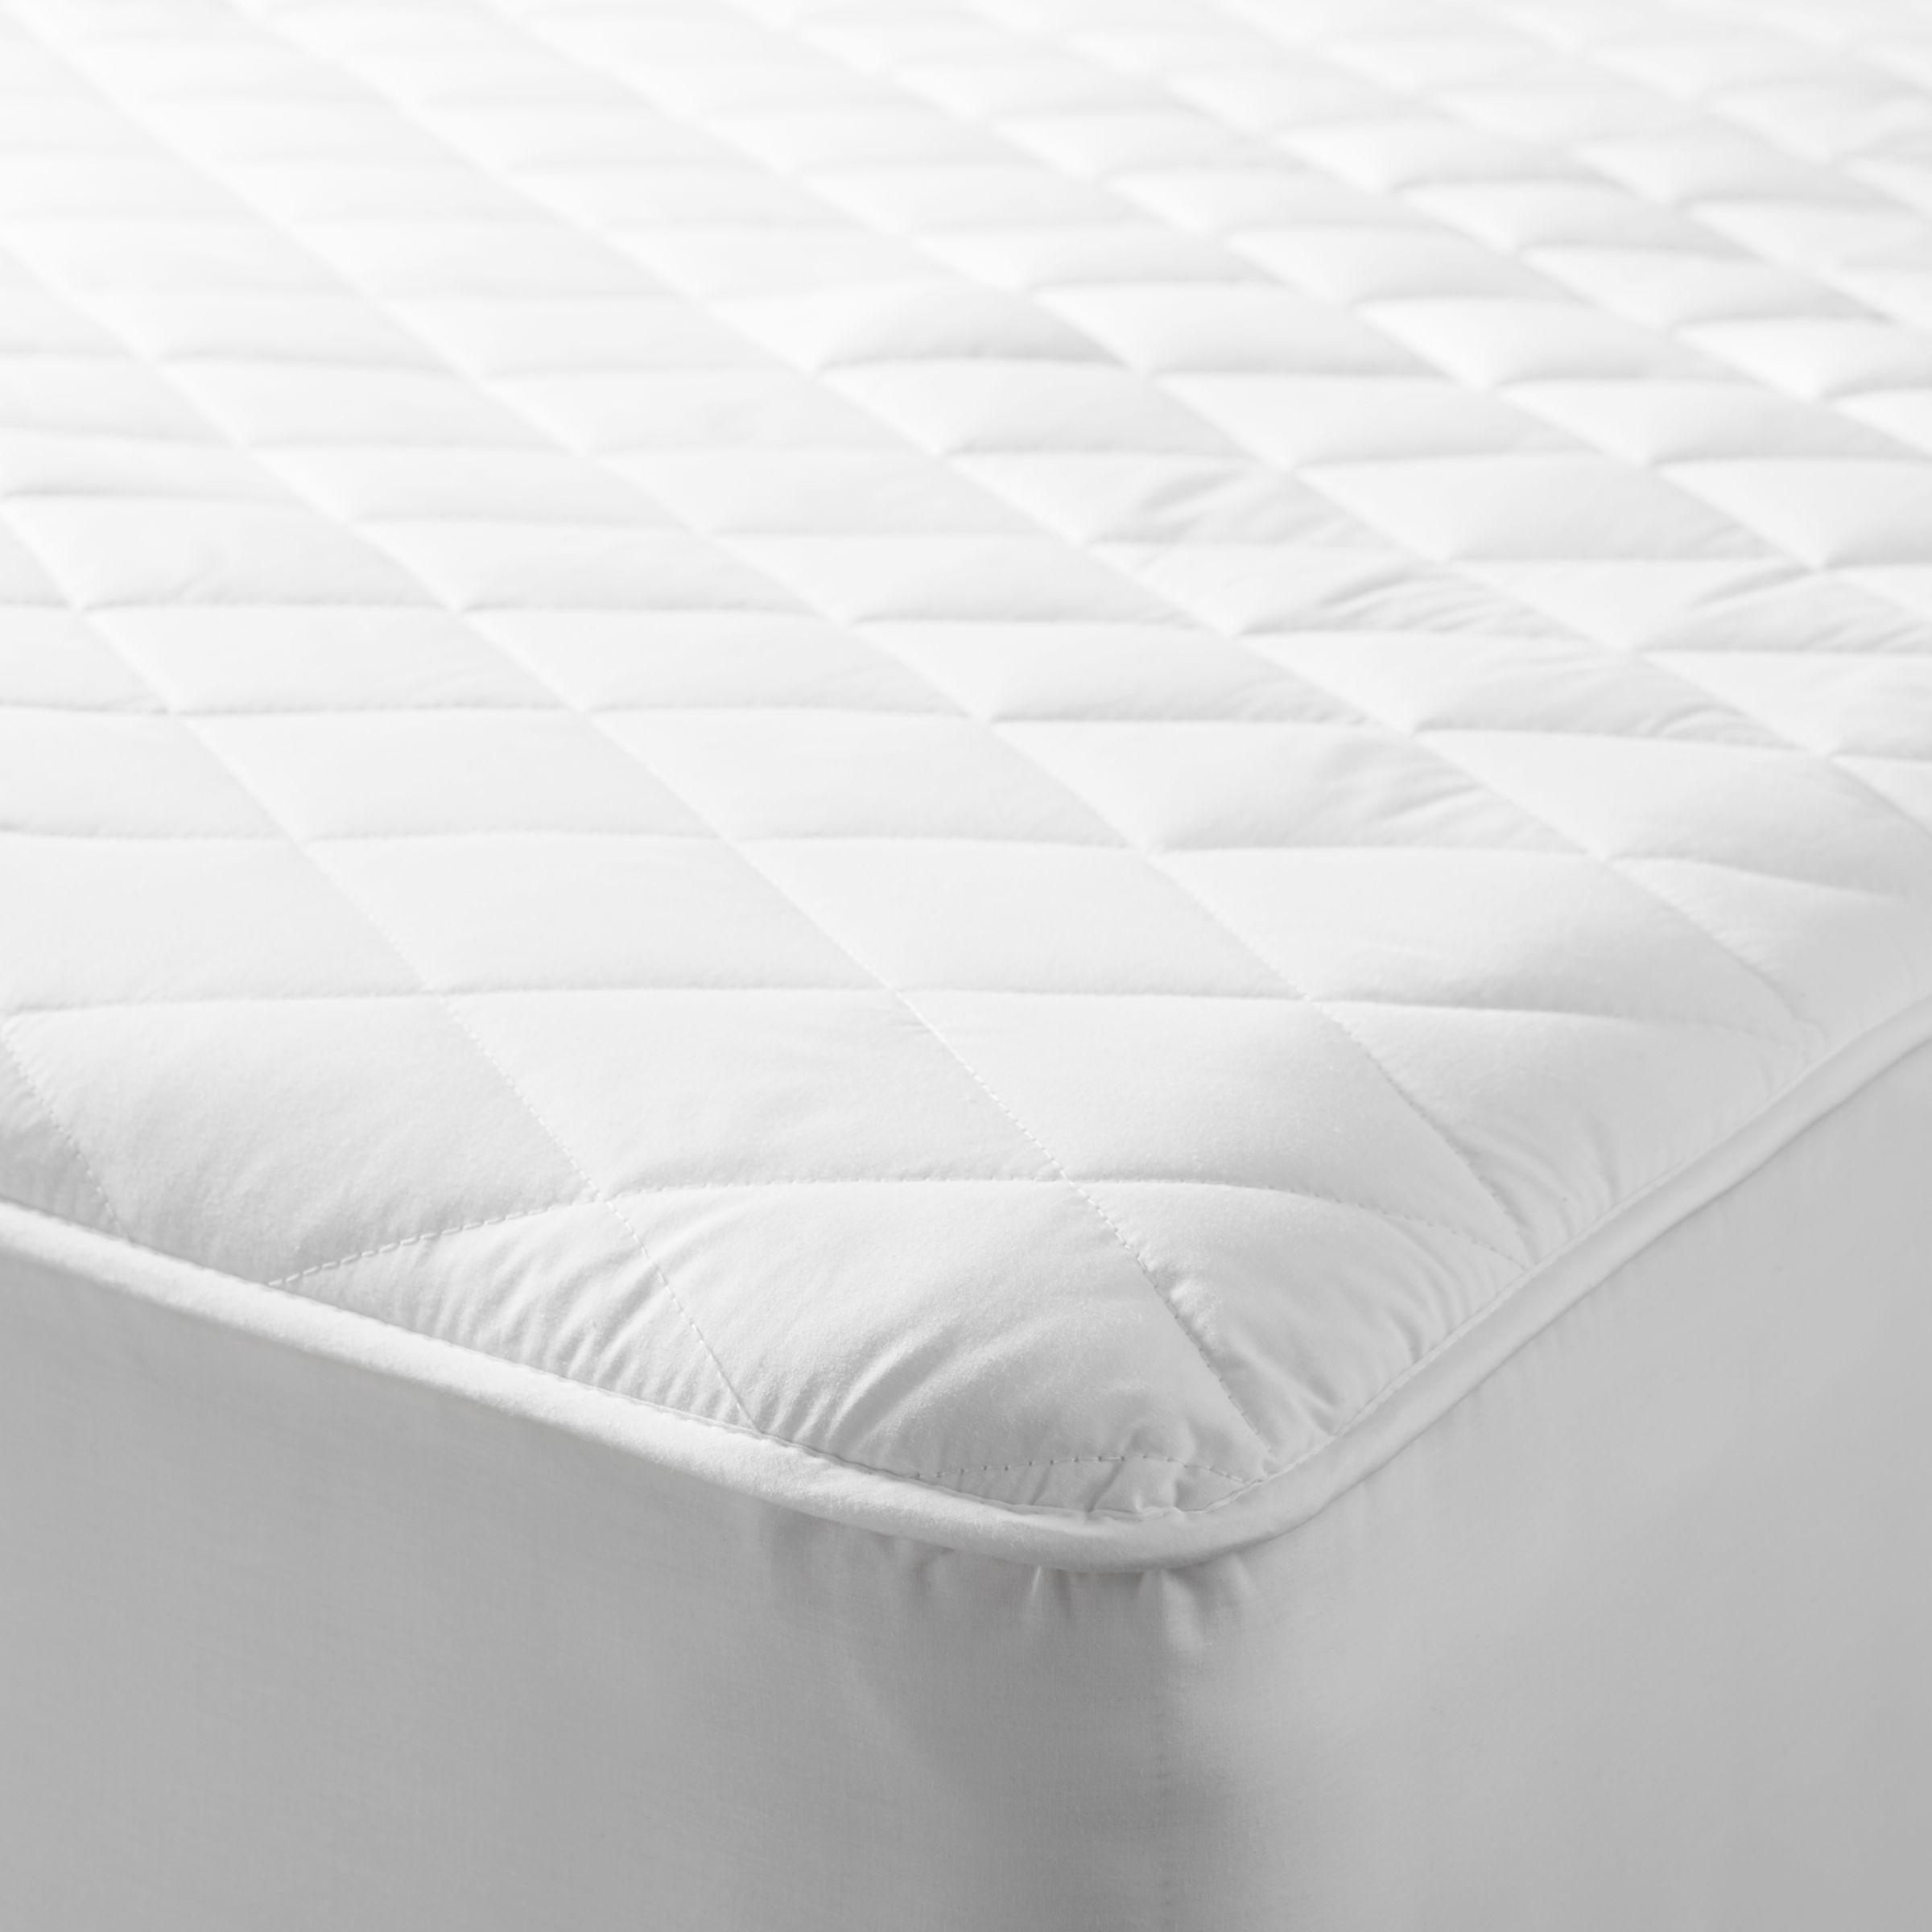 super king size mattress protectors